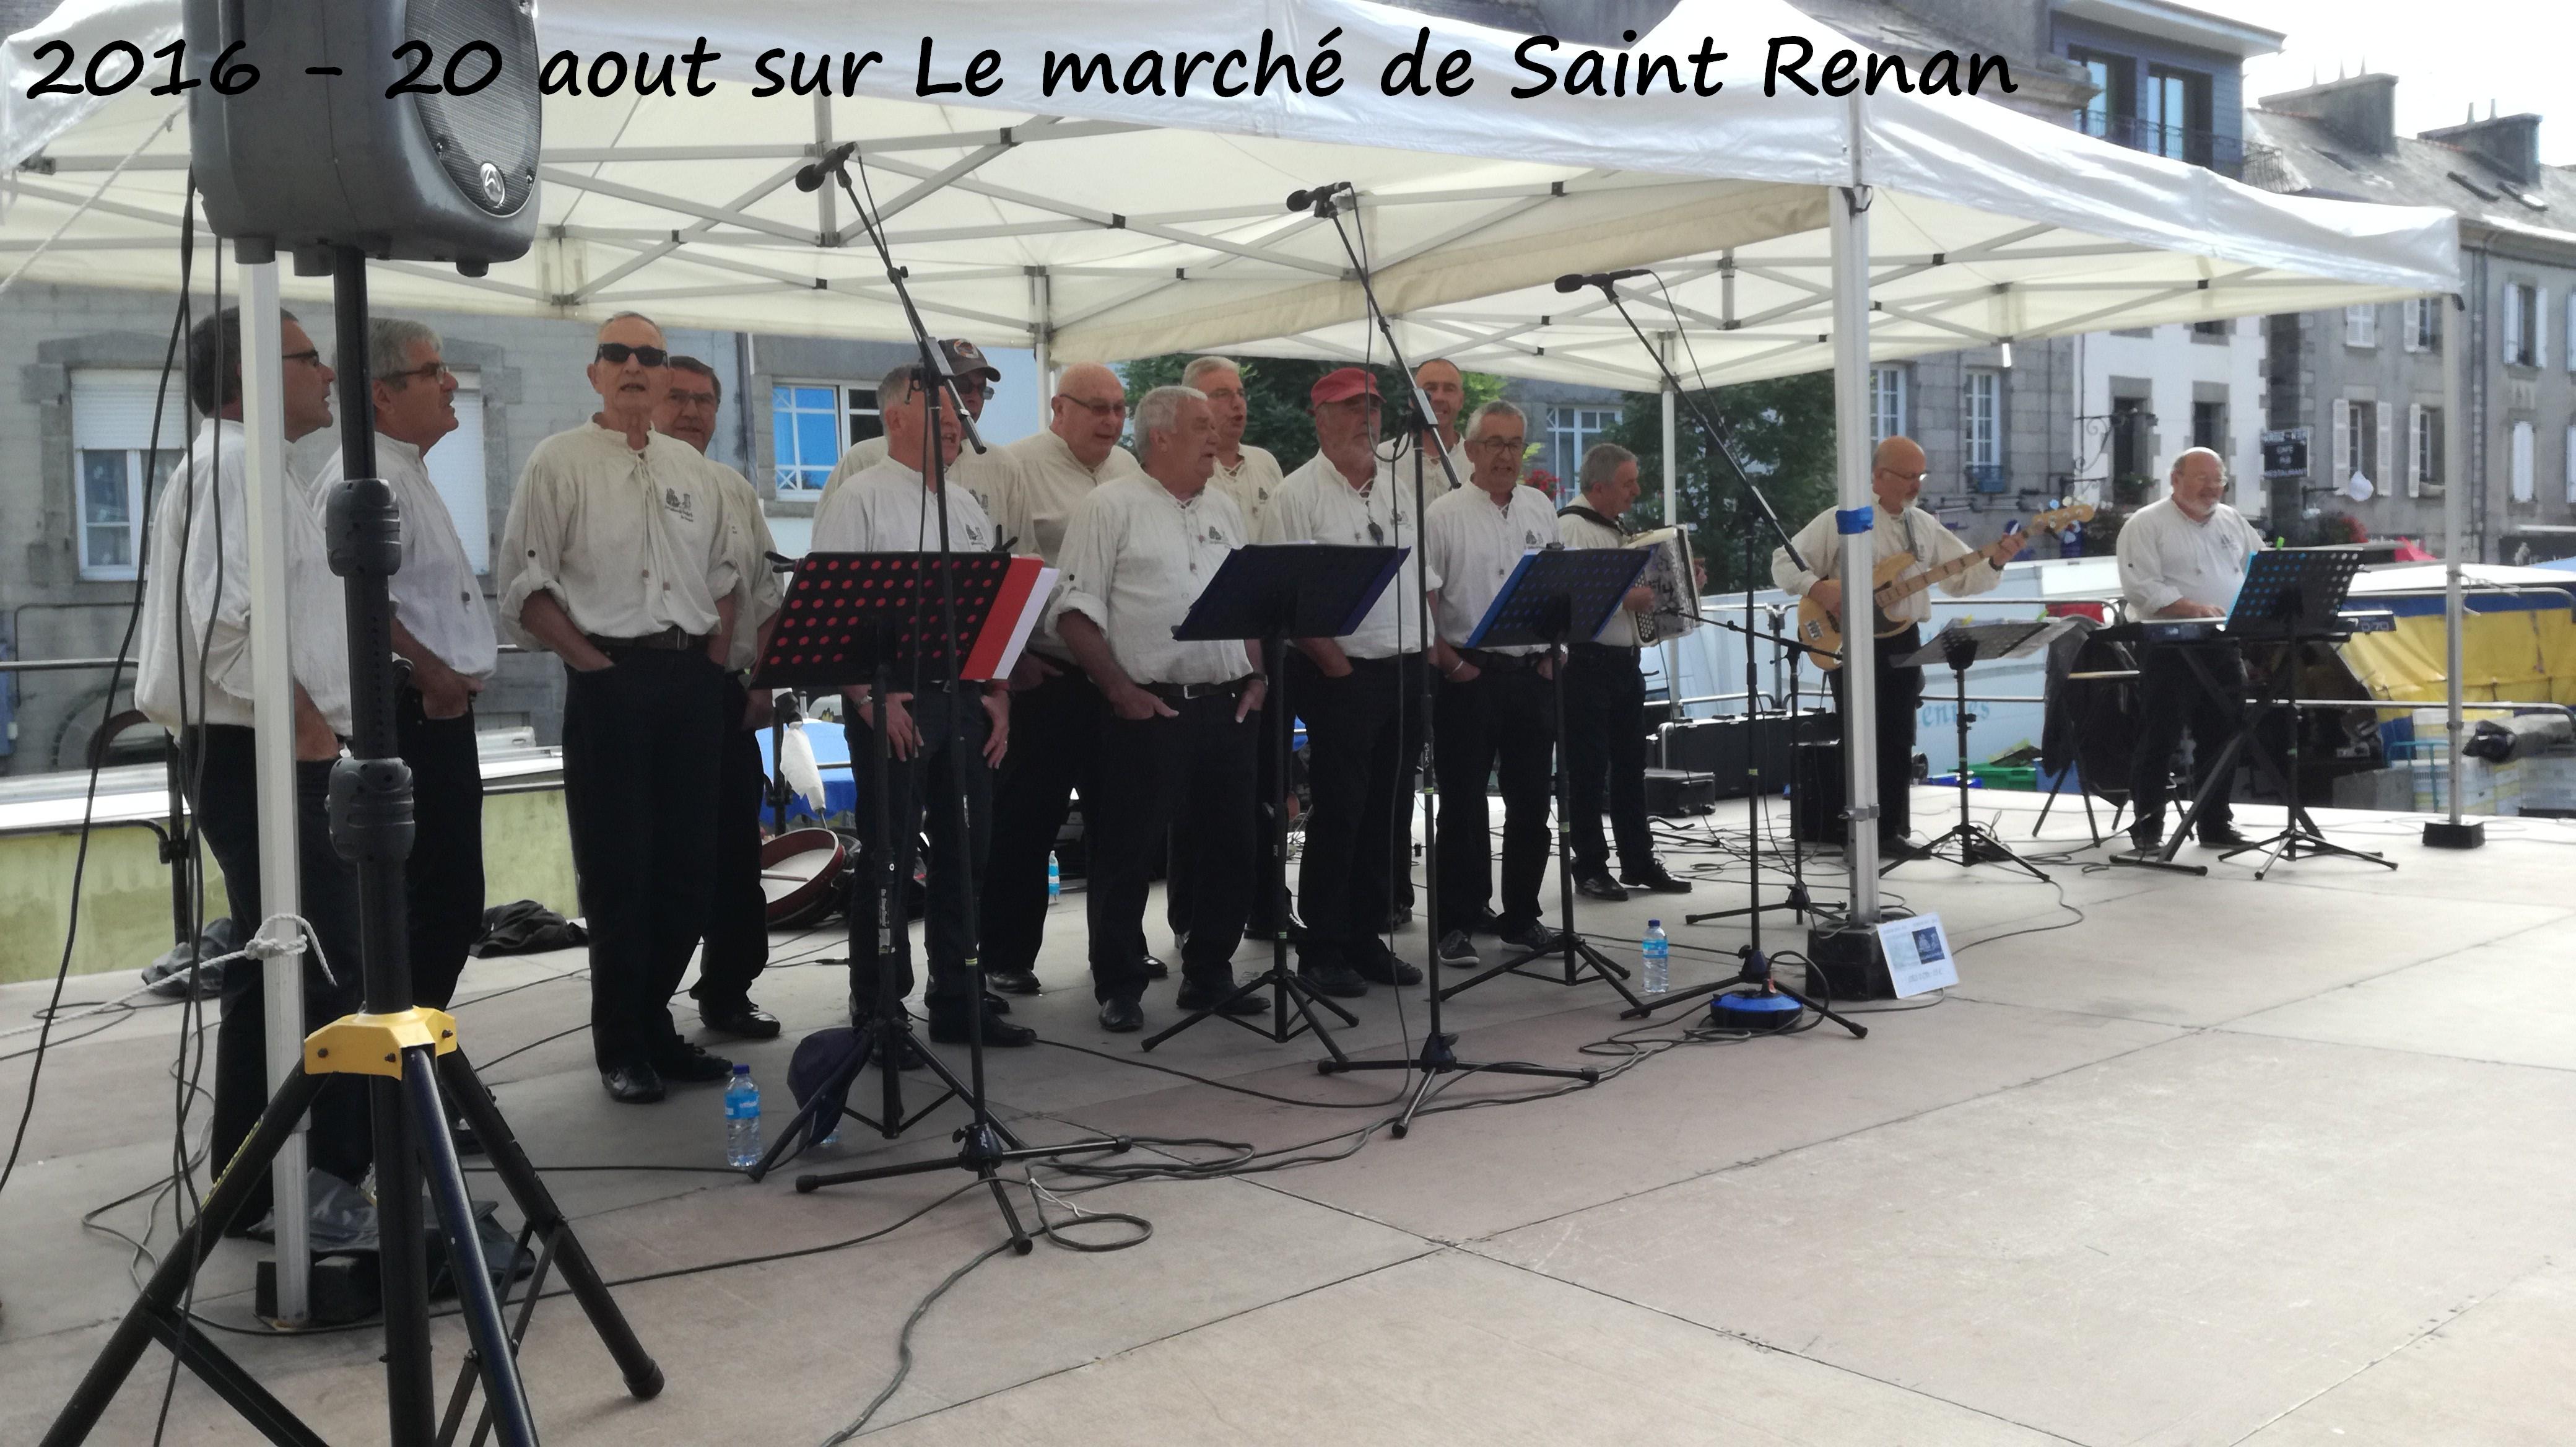 Marché Saint Renan3.jpg